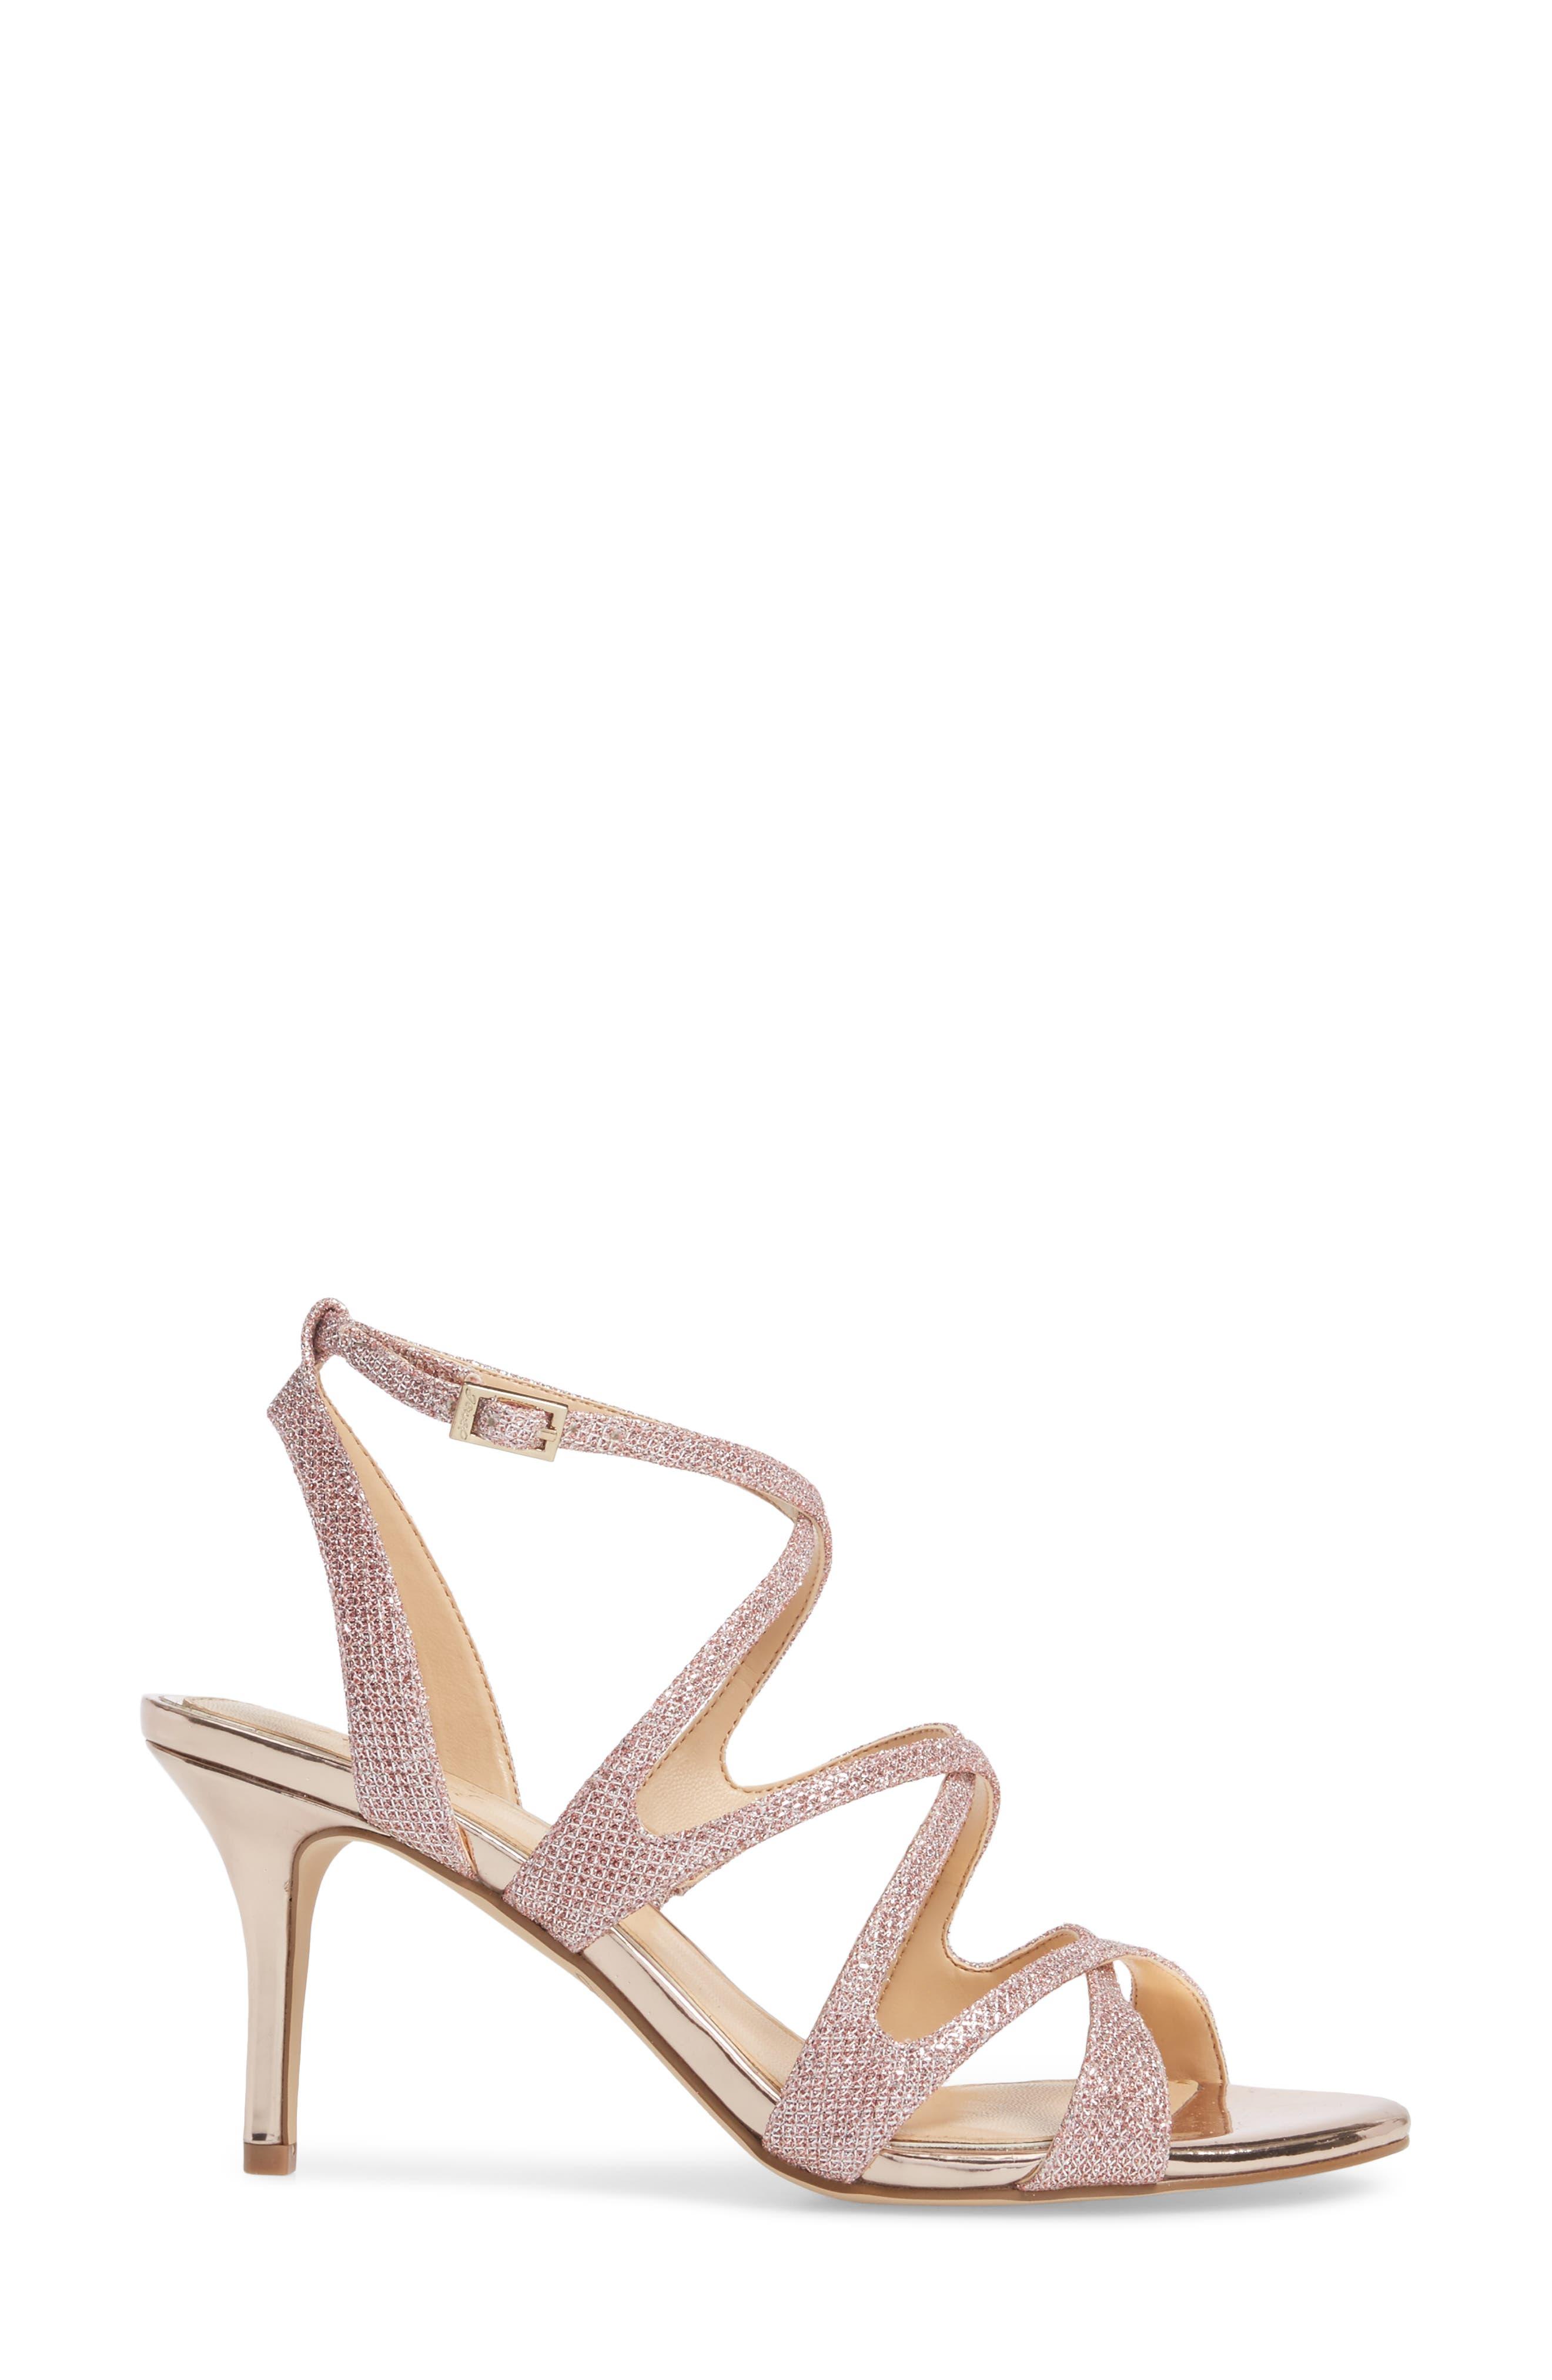 Tasha Glitter Sandal,                             Alternate thumbnail 3, color,                             Rose Gold Glitter